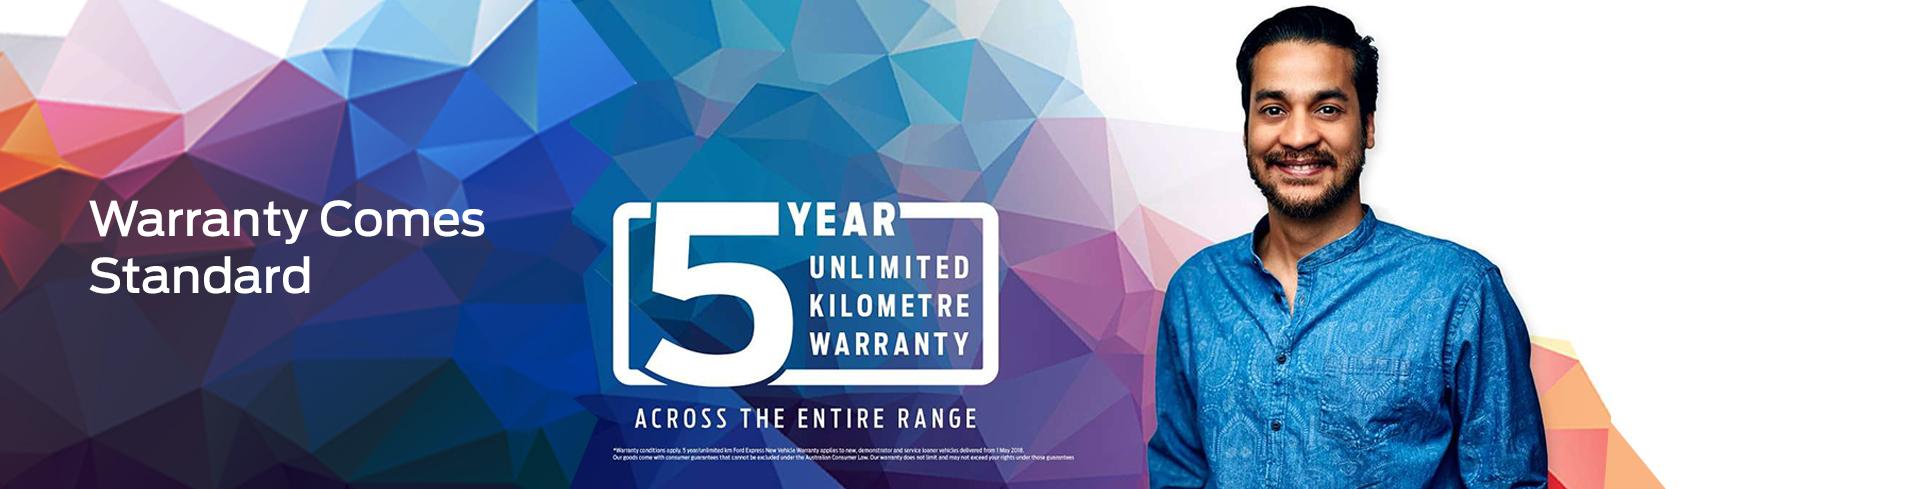 5 Year Unlimited Kilometre Warranty